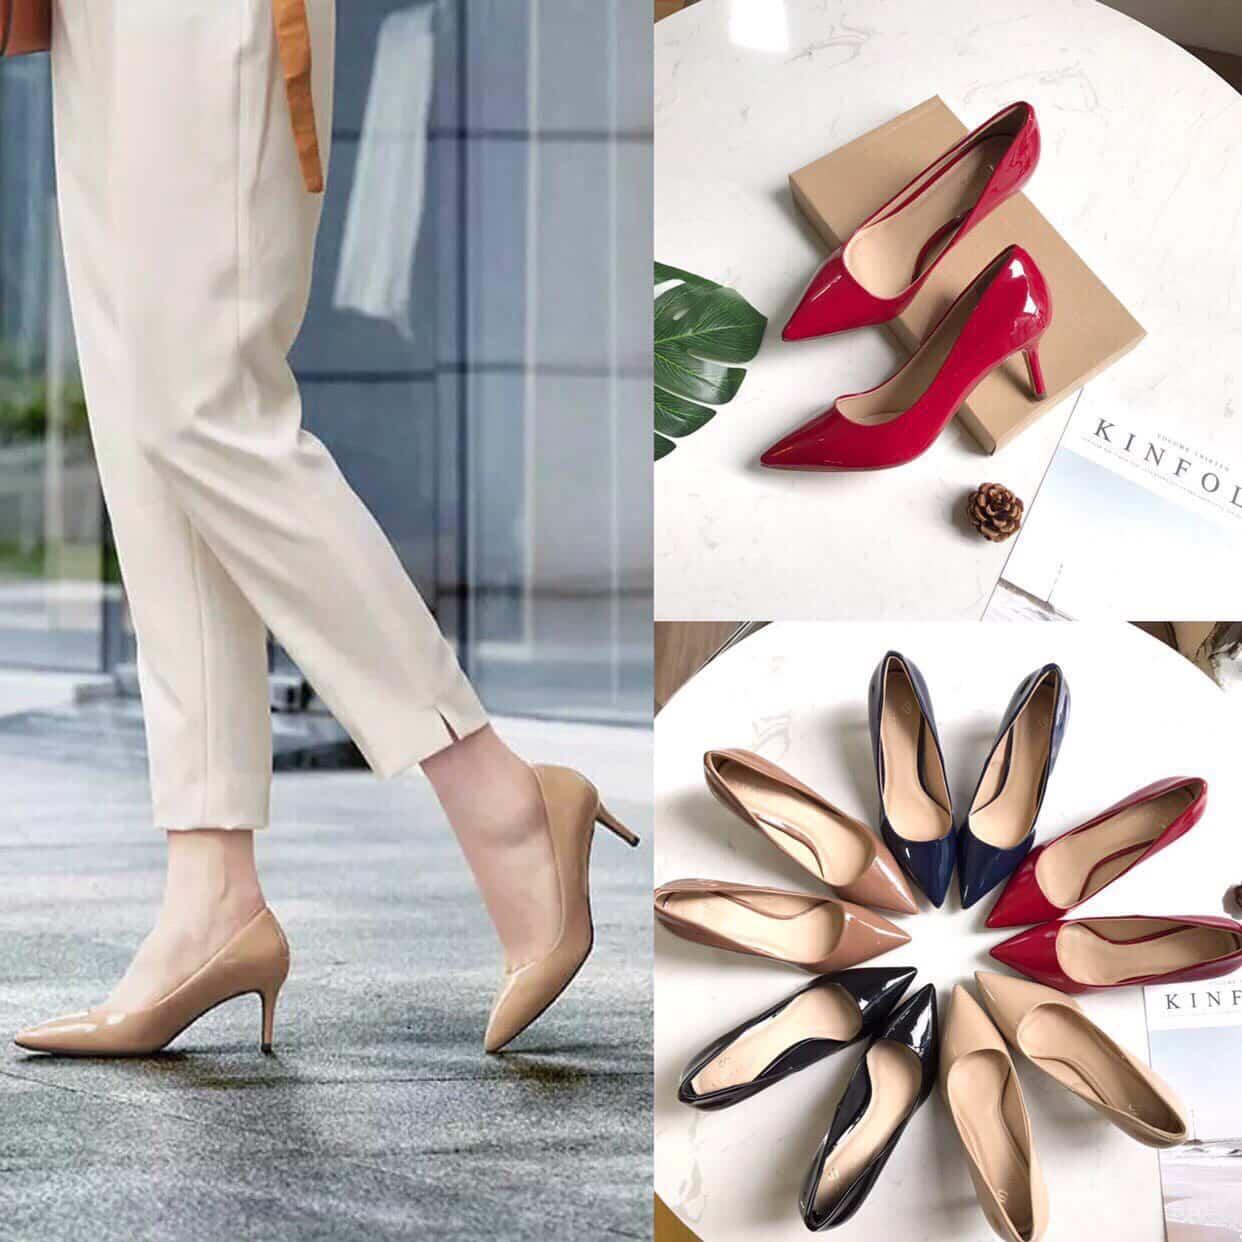 Tổng hợp 37+ mẫu giày cao gót đẹp 2020 sắp thành Trend - Hoàng Vũ